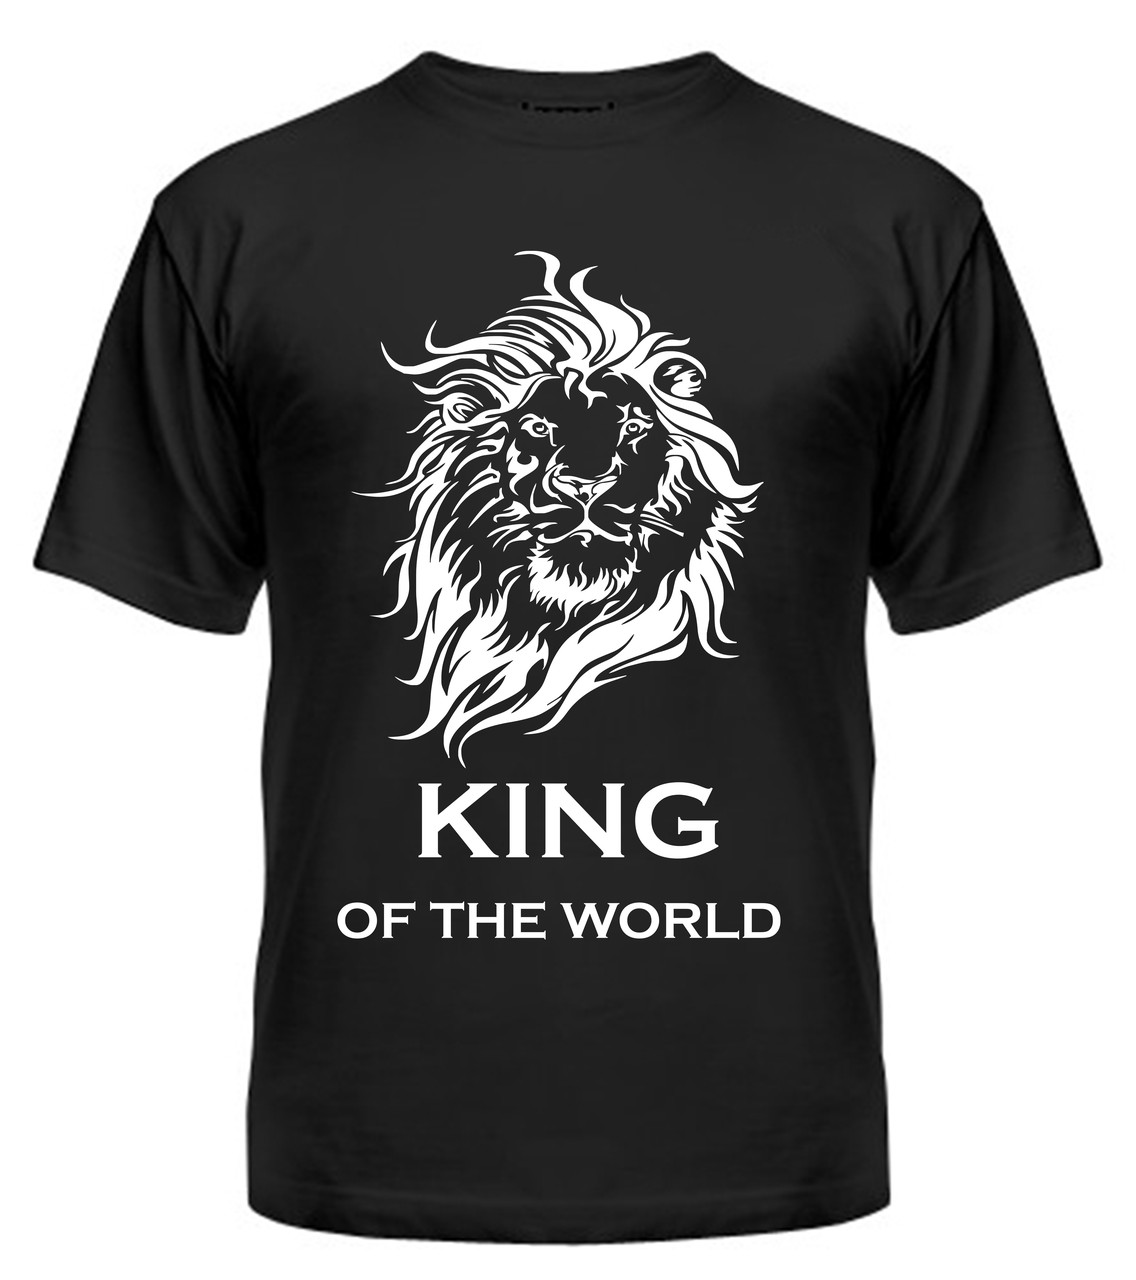 Мужская футболка с принтом Кing белый